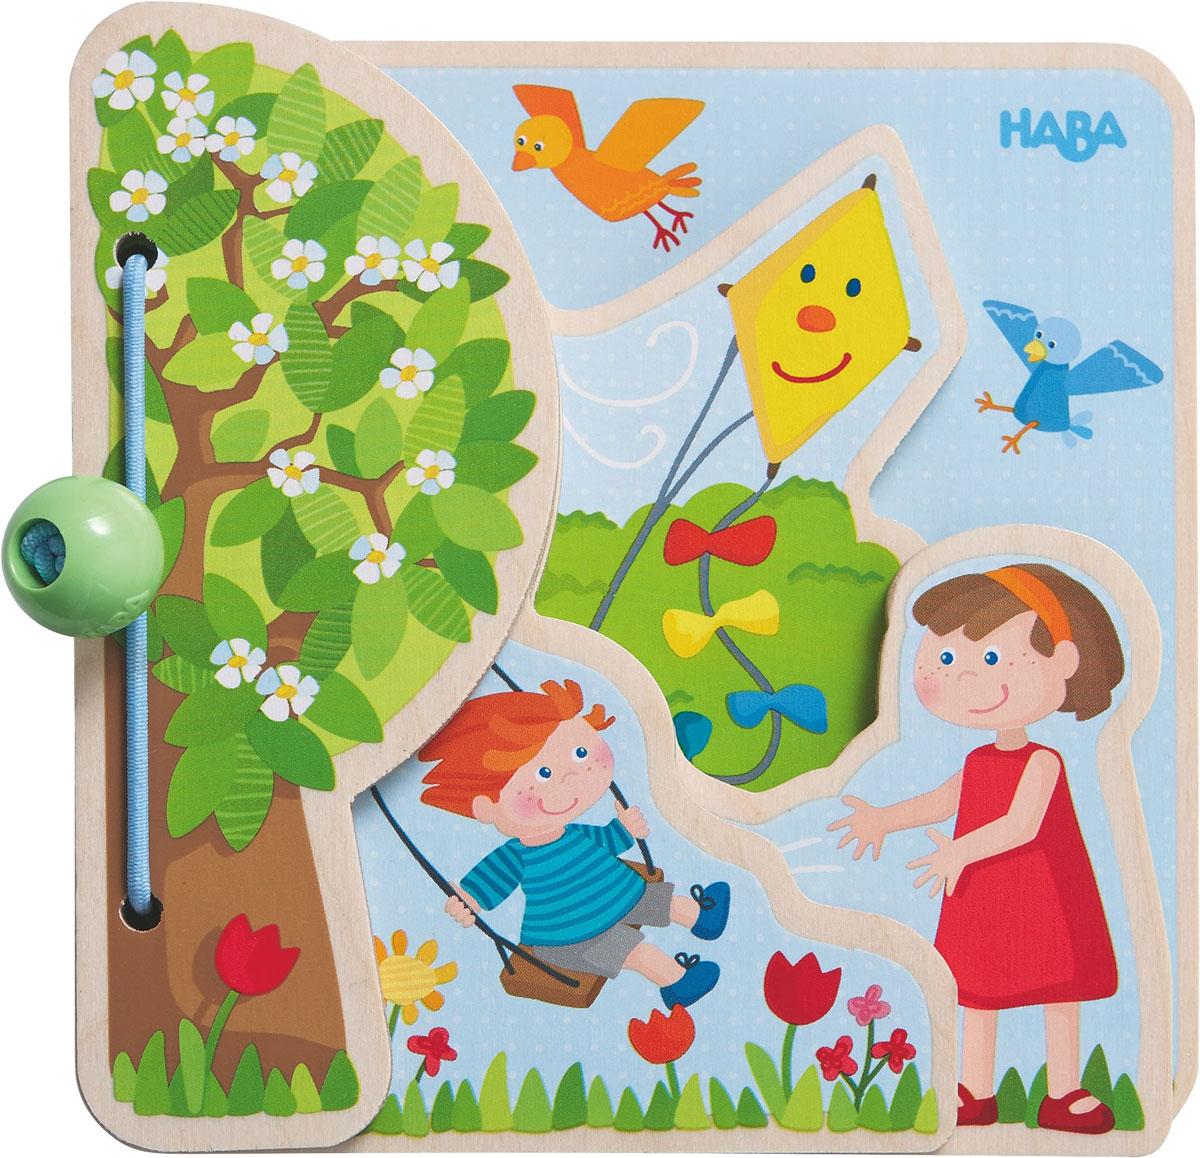 Haba Детская книга Четыре сезона haba игрушка детская фотокамера